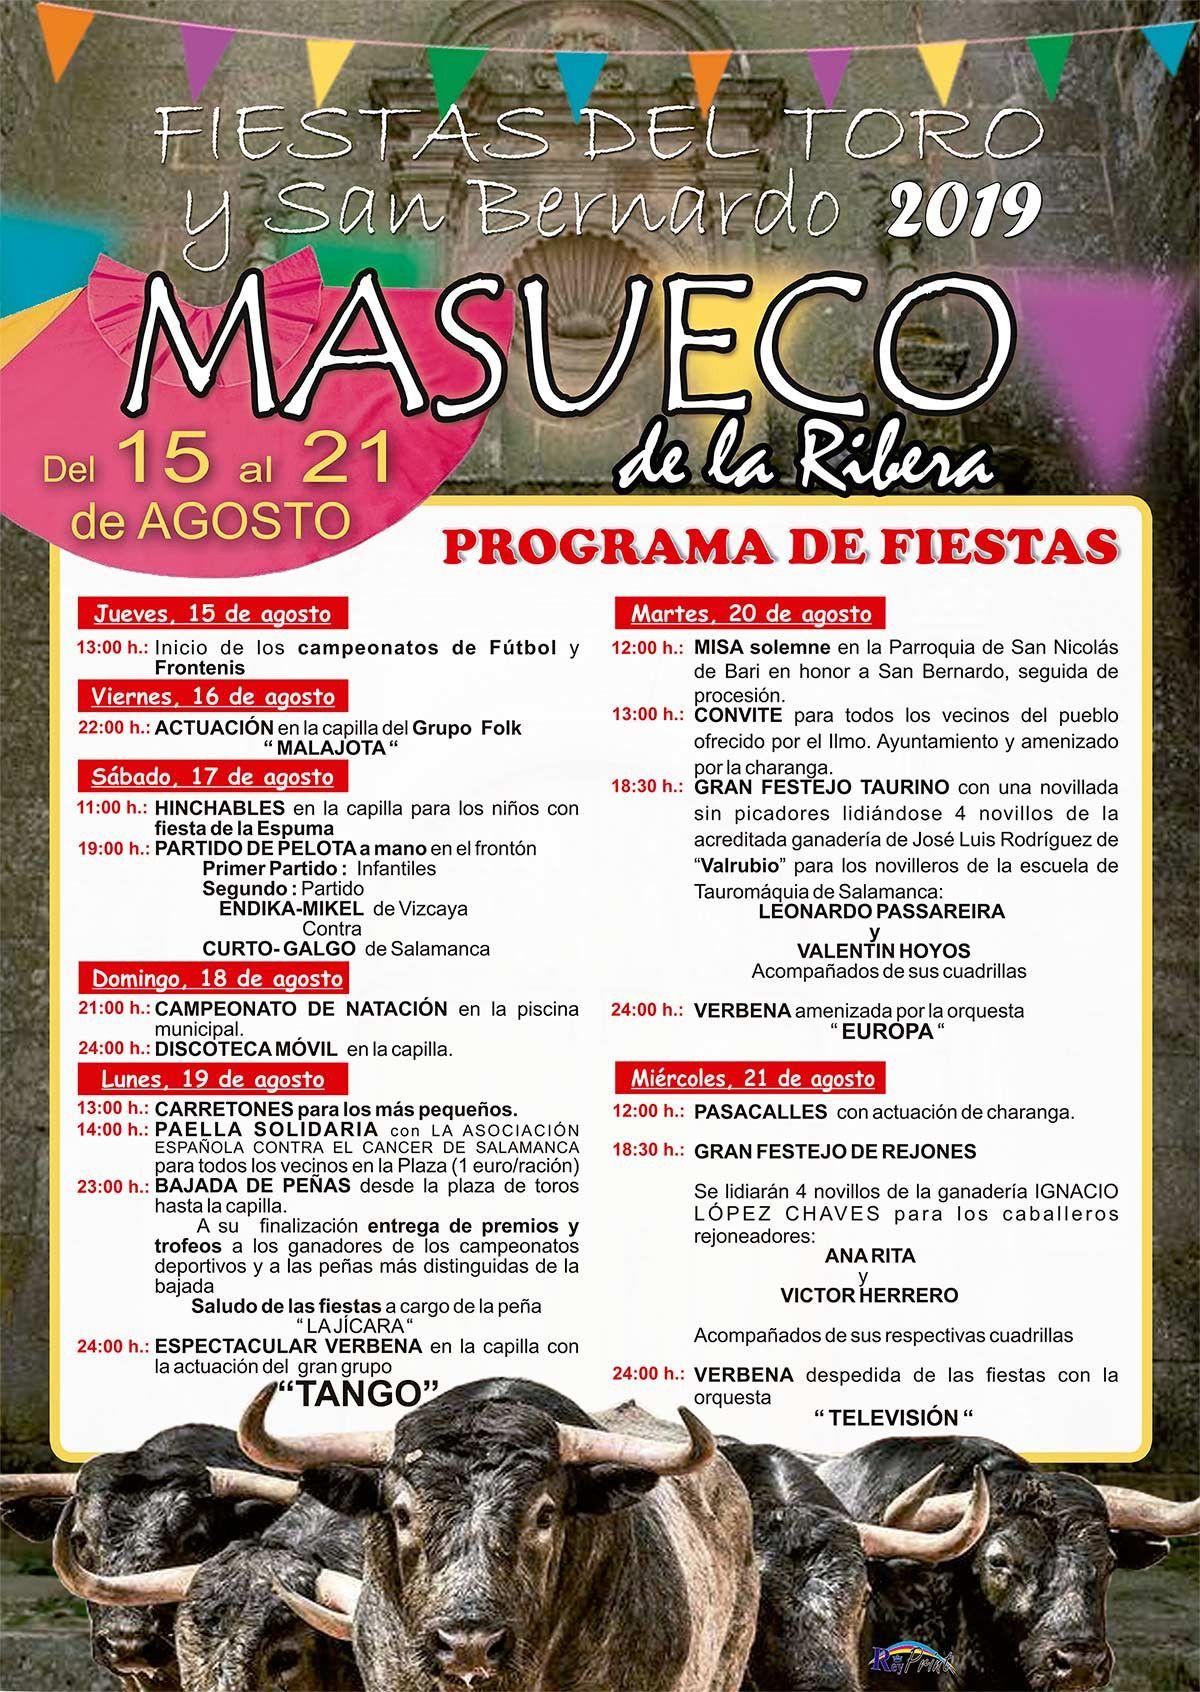 Programa Fiestas Masueco 2019